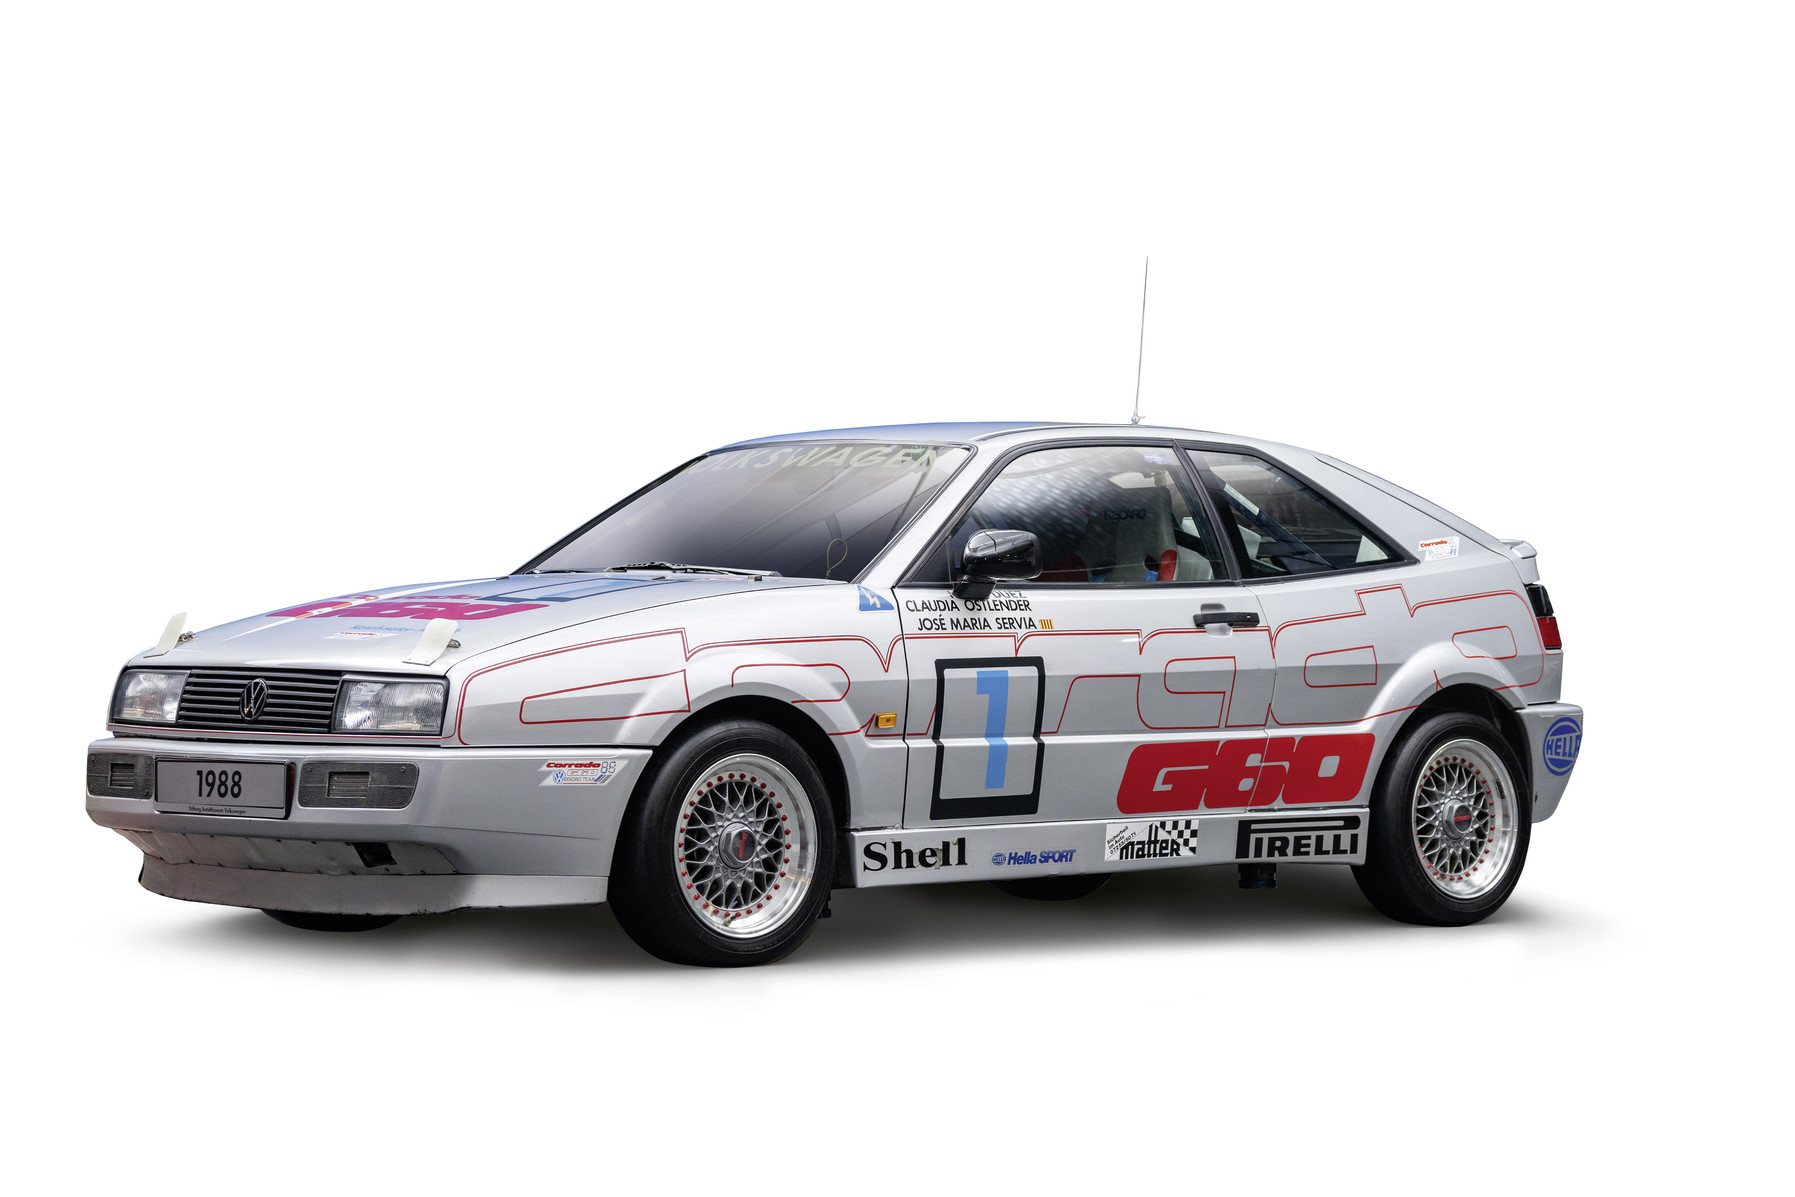 """Corrado G60 """"Record"""" (1987) - Record breaker in 1988"""